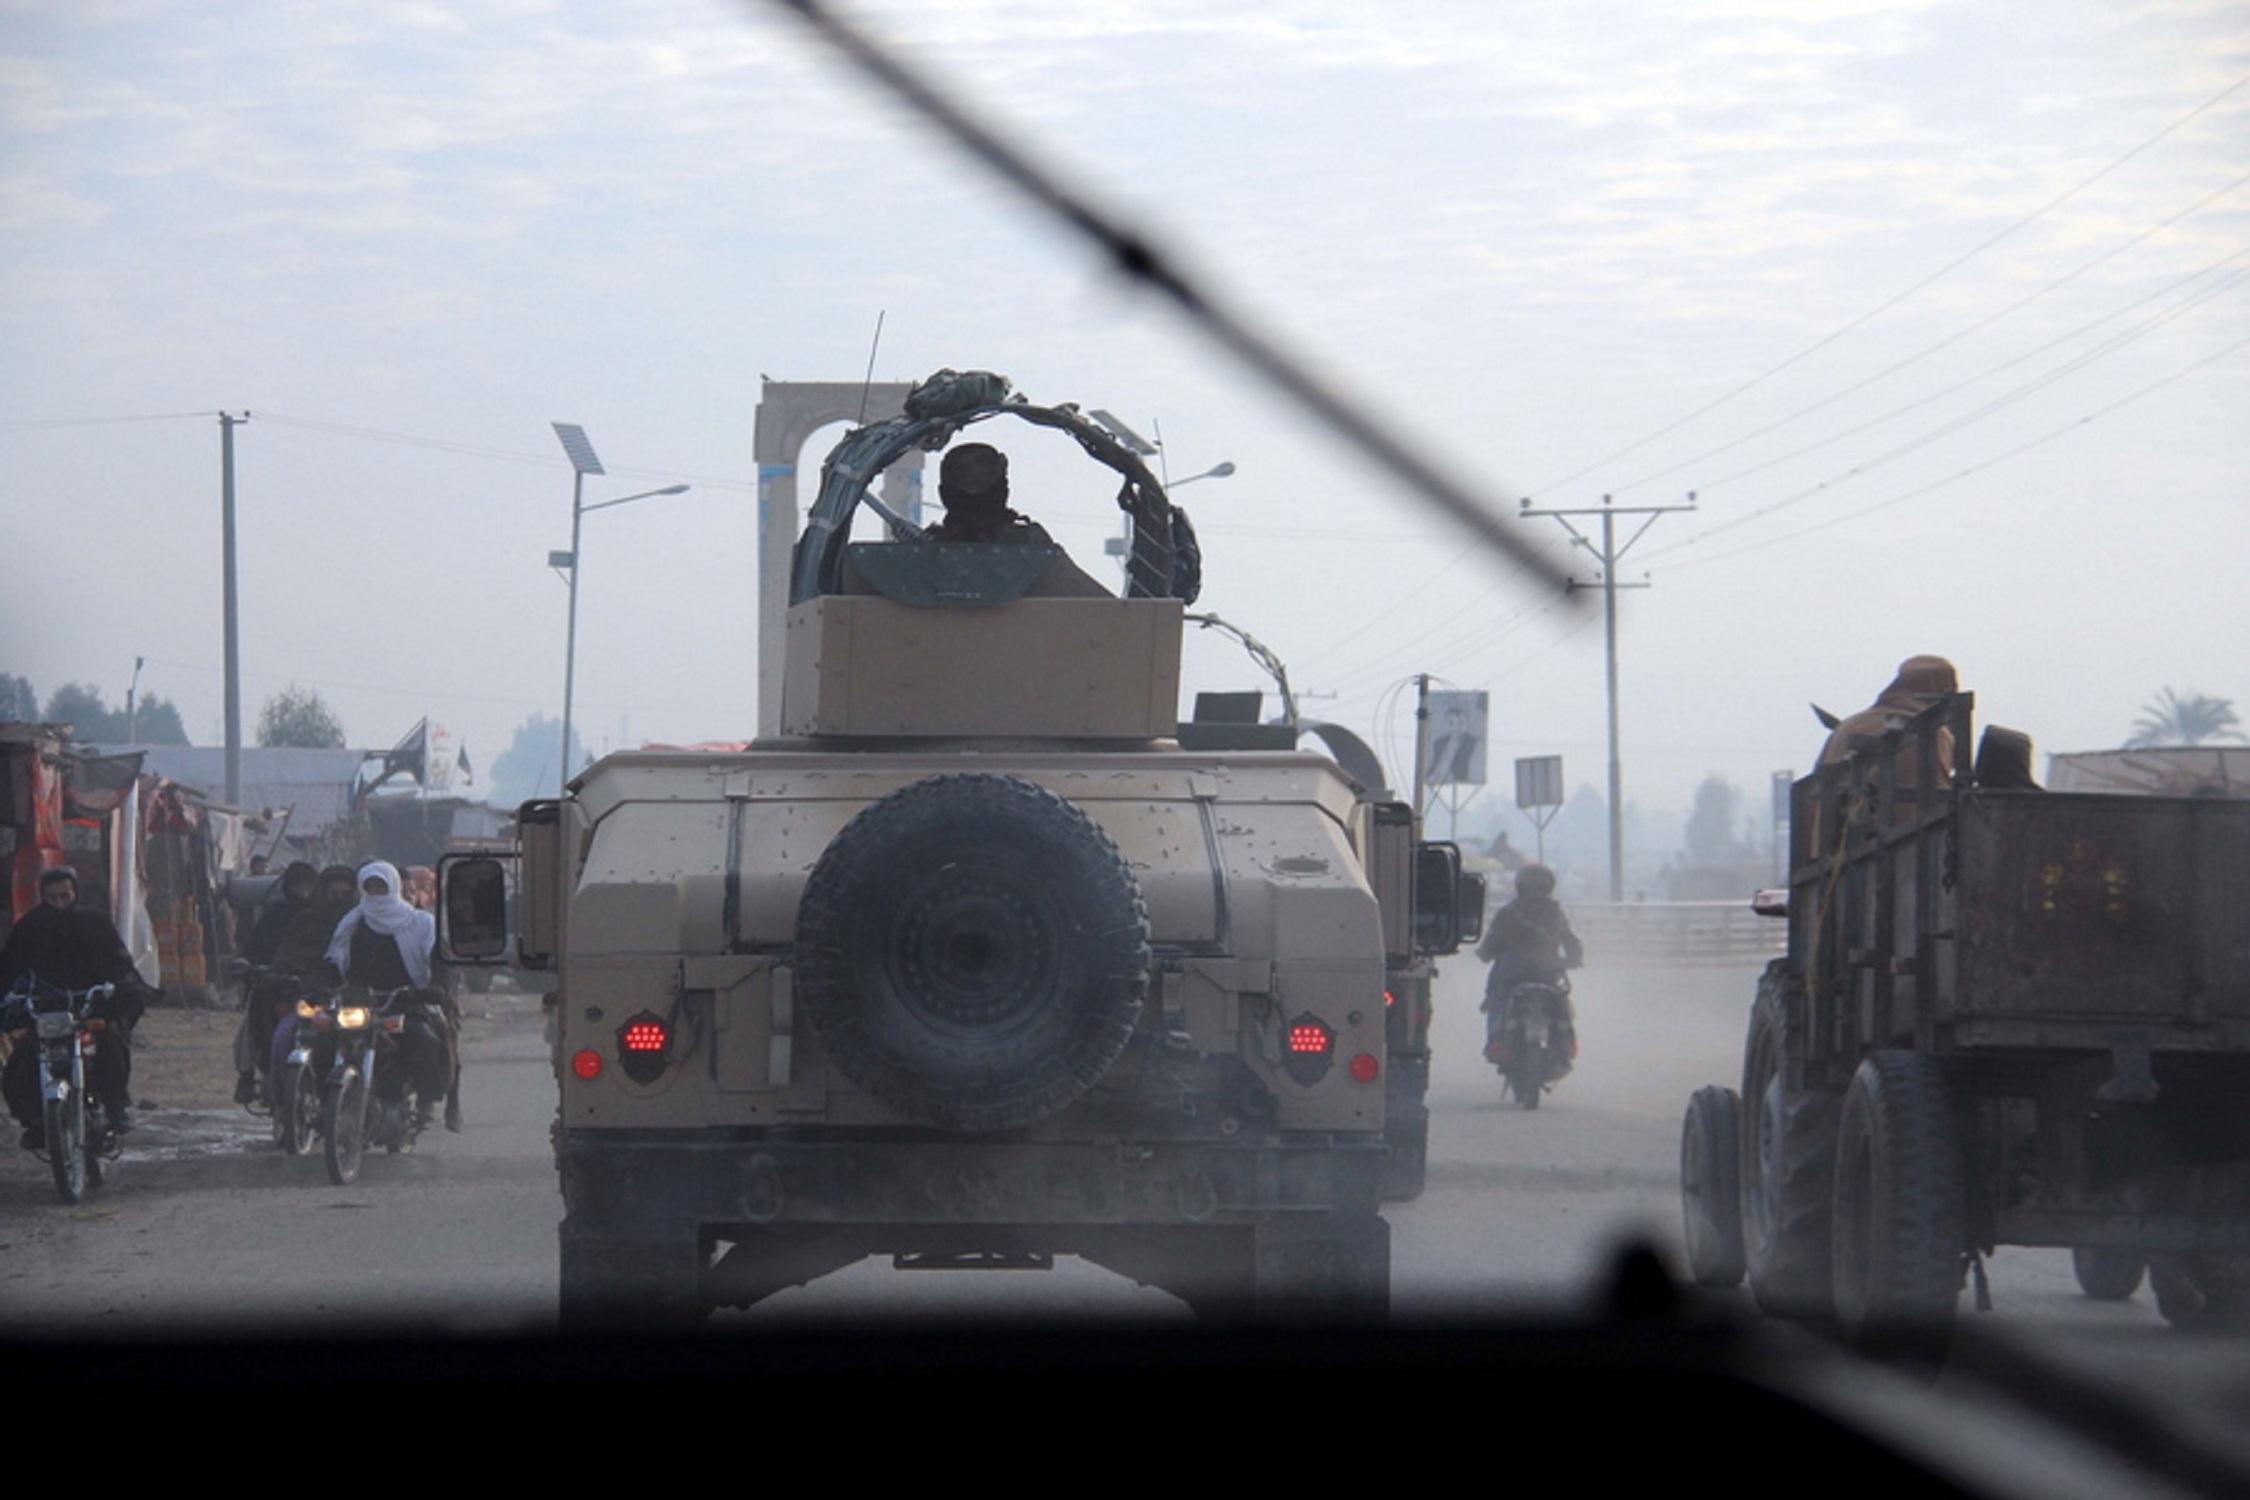 Αφγανιστάν: Οι Ταλιμπάν κατέλαβαν άλλες 6 περιφέρειες